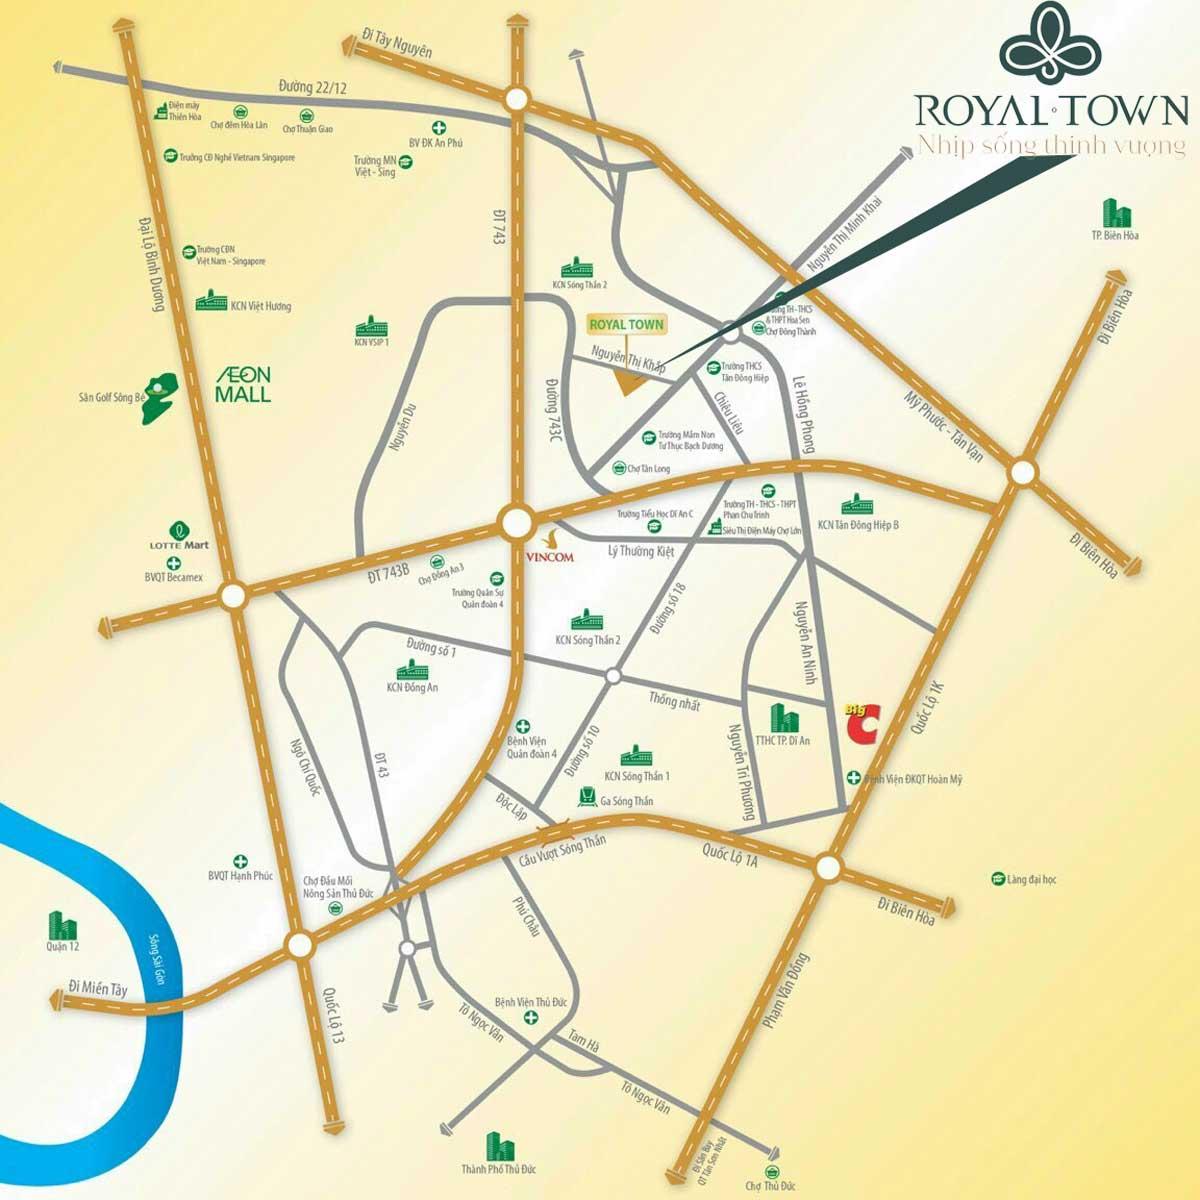 Vi tri Du an Nha pho Royal Town - Royal Town